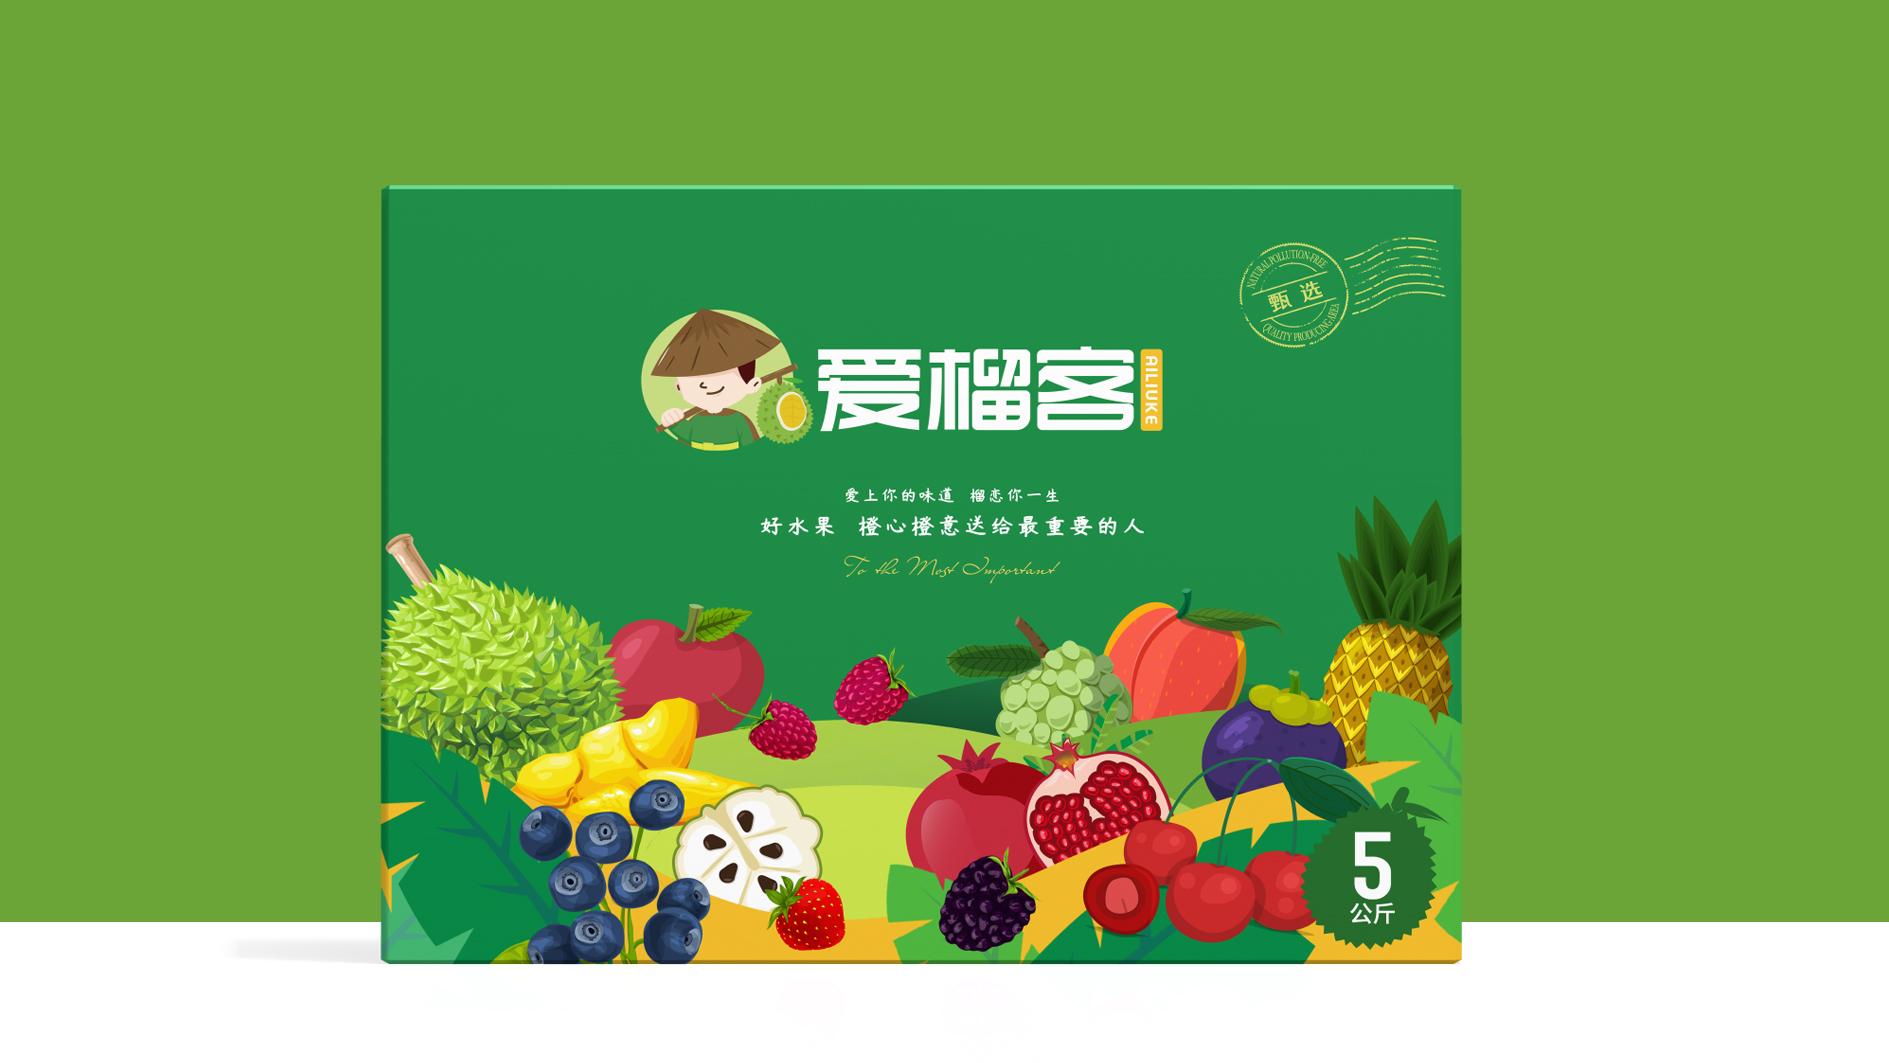 愛榴客水果禮盒包裝設計